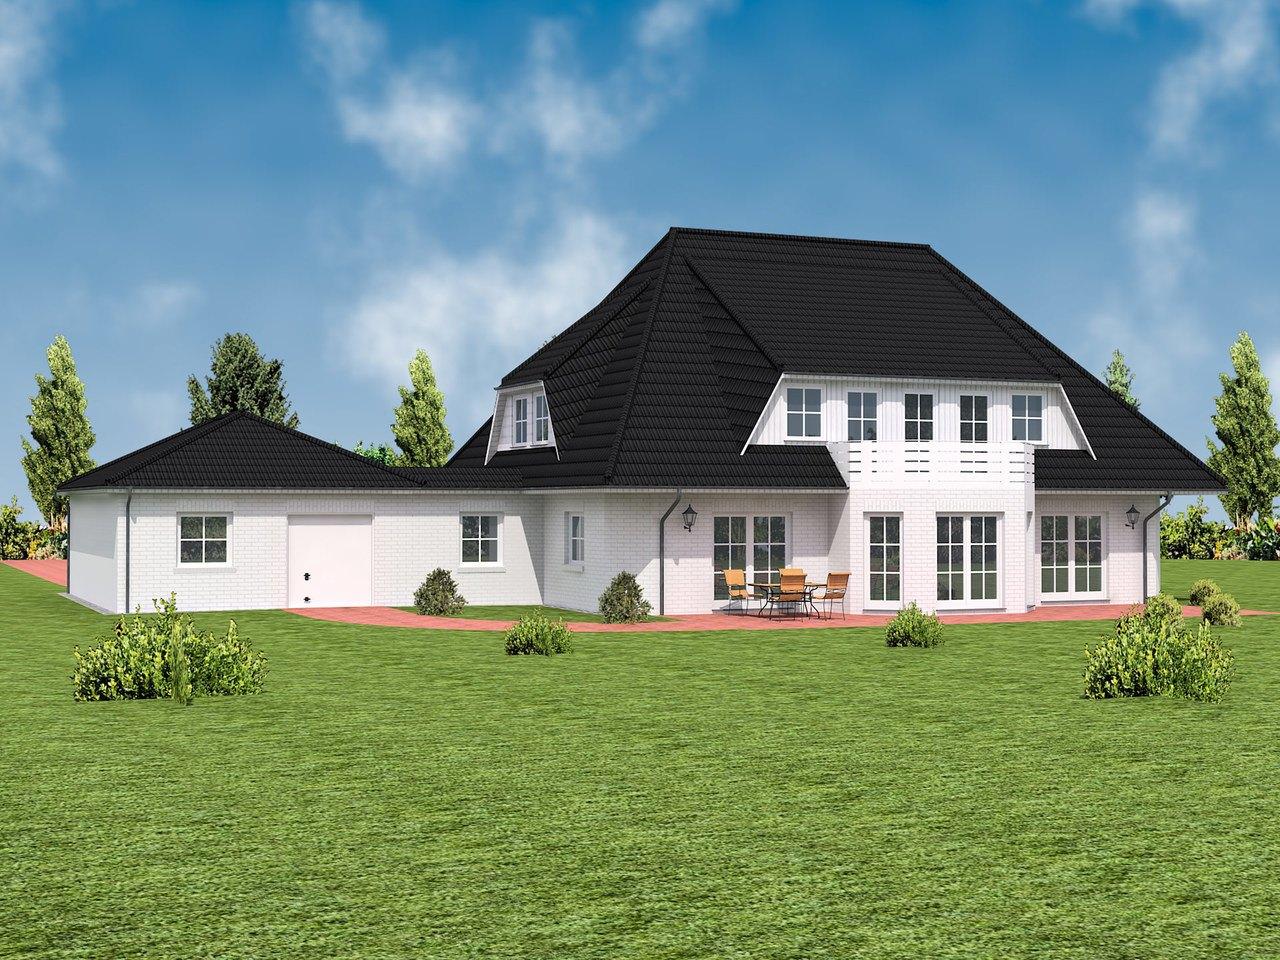 Villa Blankenese Ansicht 2 - IBIS Haus